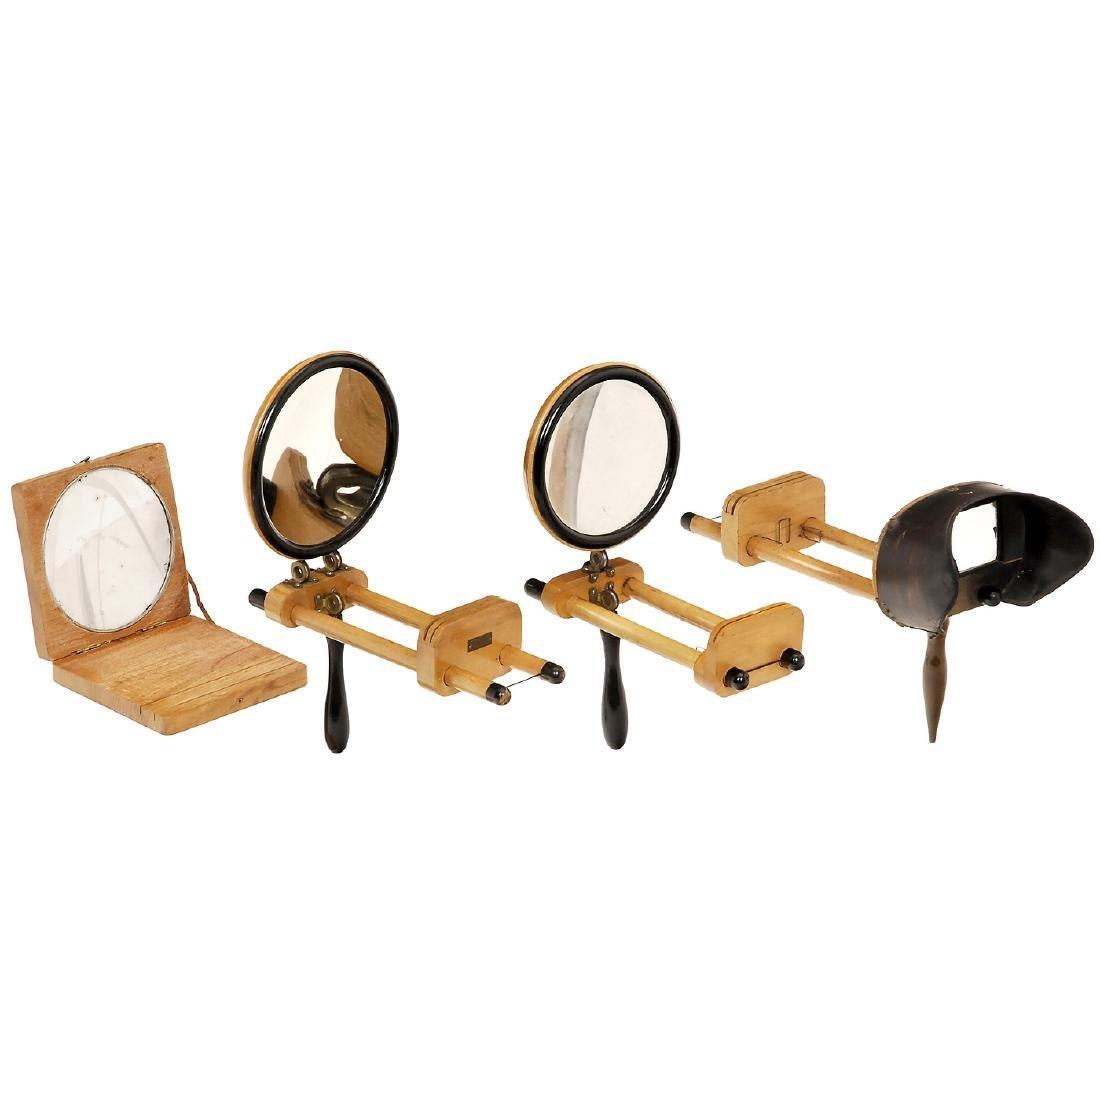 3 Assorted Graphoscopes, c. 1900